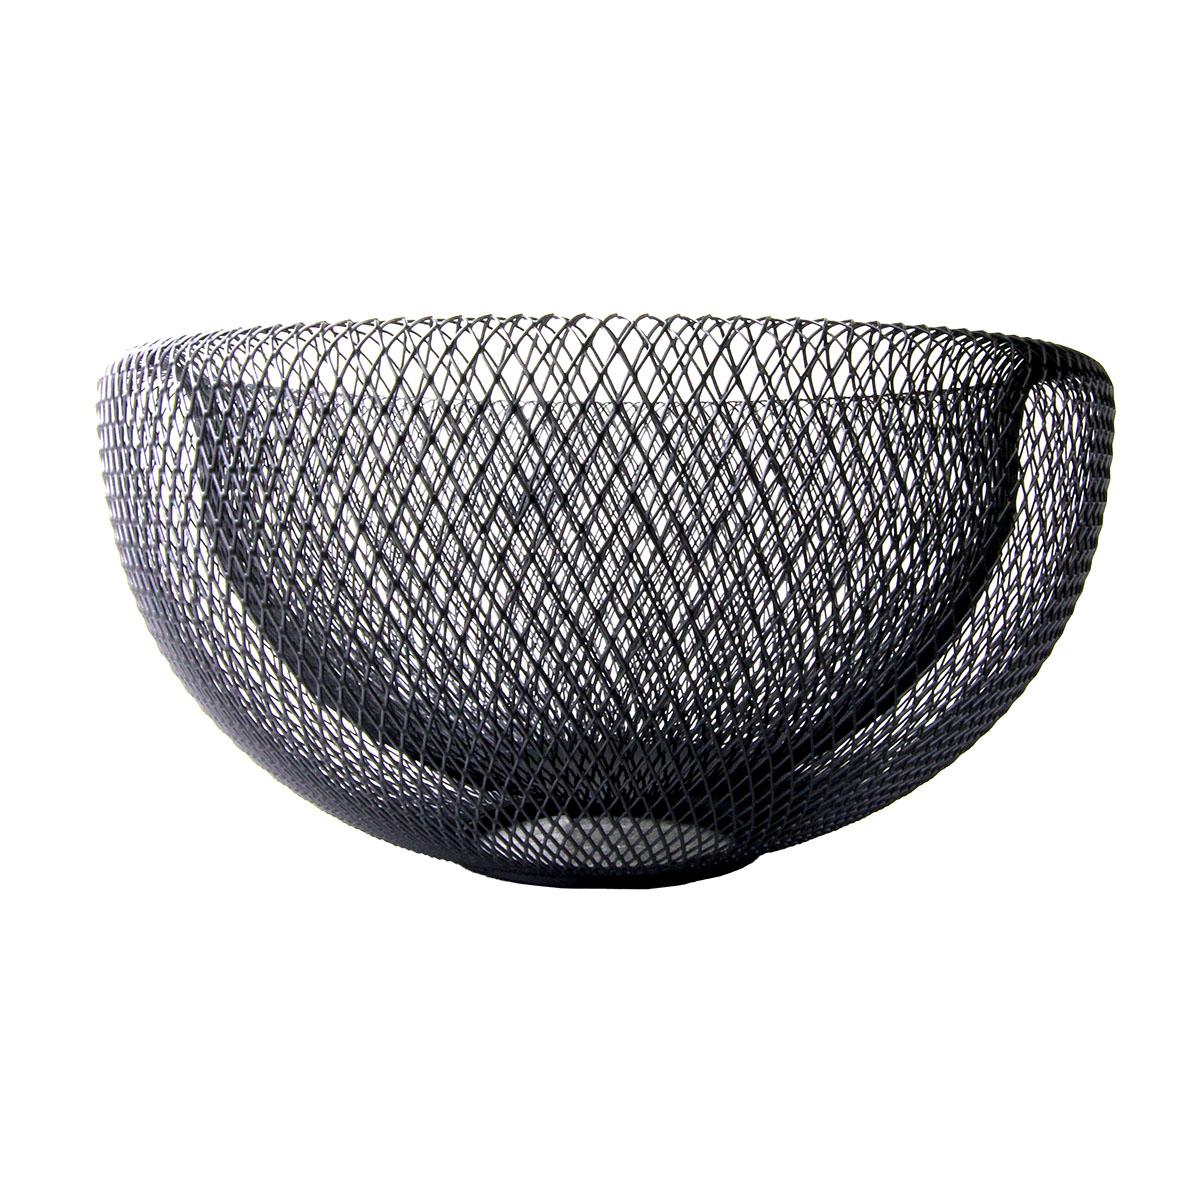 Fruteira metal preto vazado redonda 25x13cm BTC2